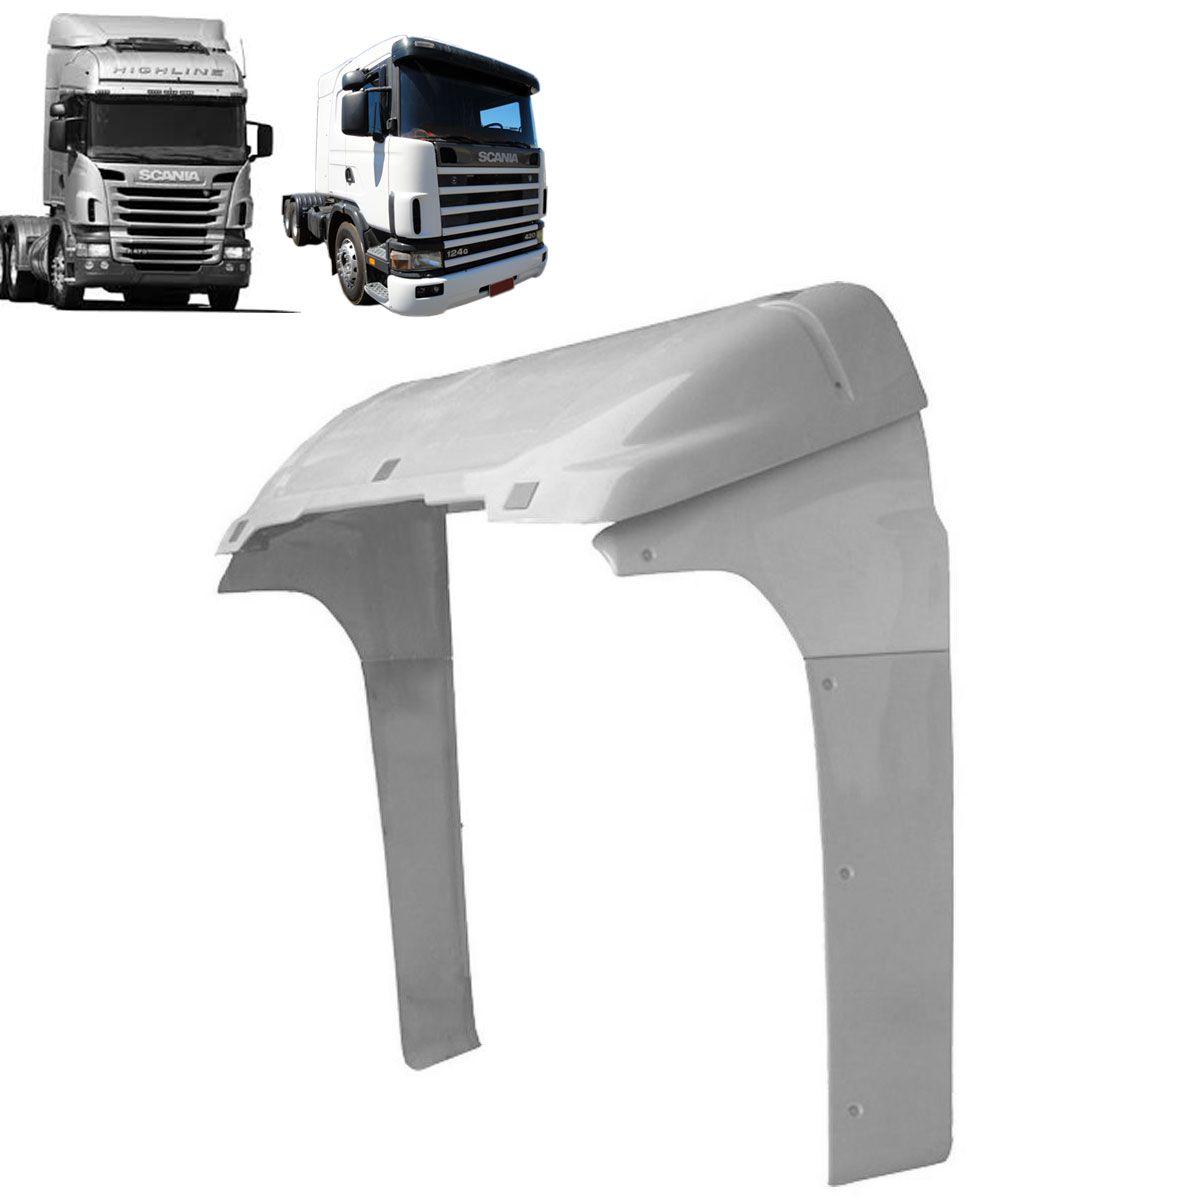 Defletor de Ar Compatível com o Caminhão Scania S4 e S5 Cabine G Sem Filtro